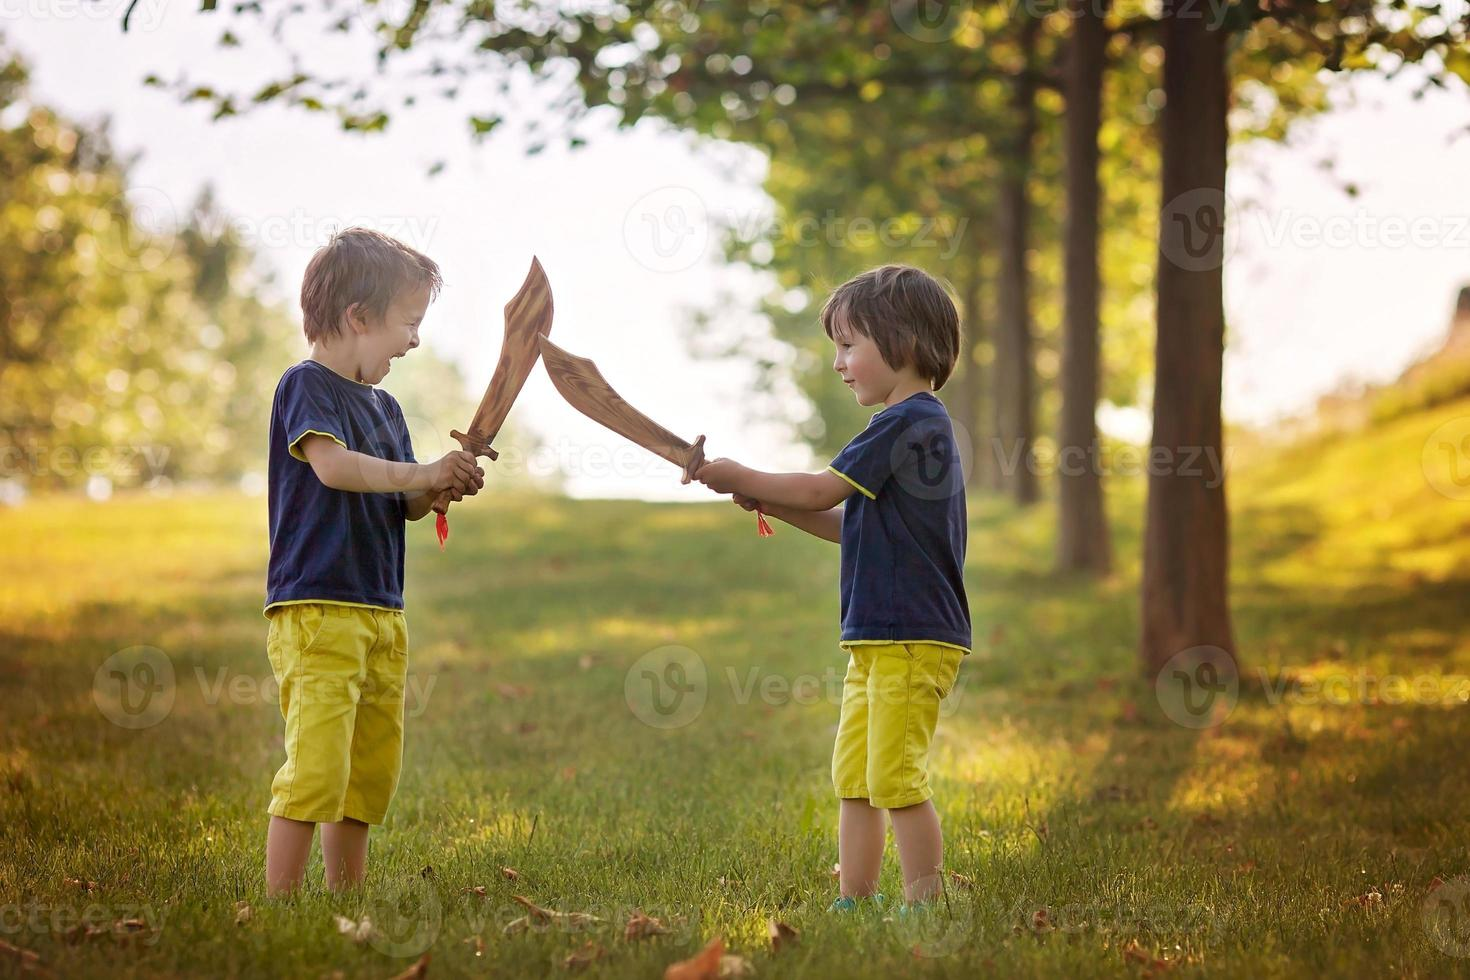 twee kleine jongens die zwaarden vasthielden foto